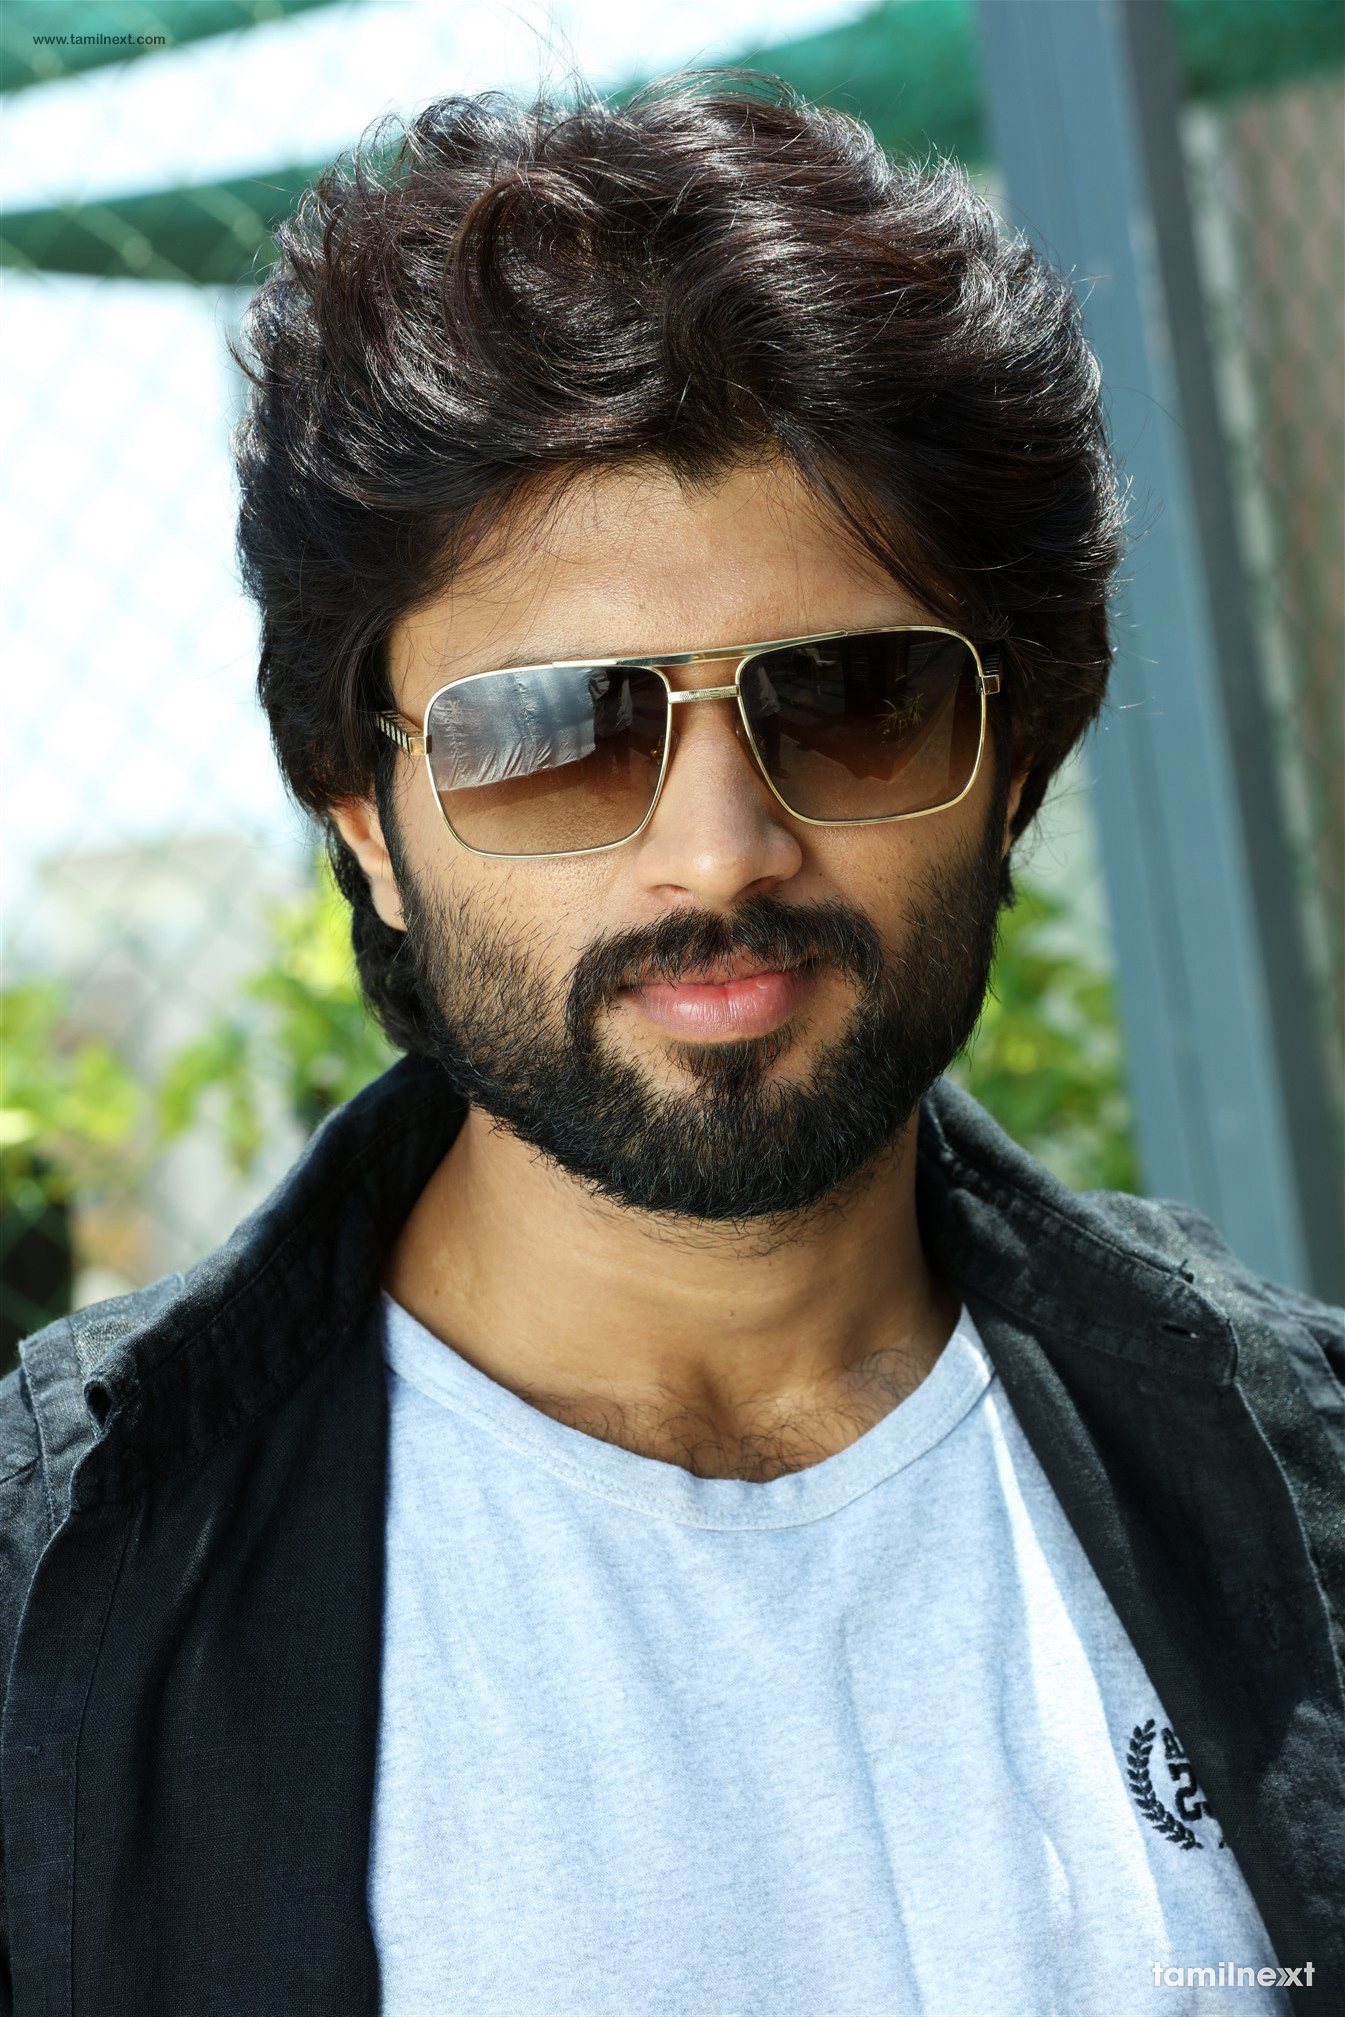 arjun reddy tamil stills tamilnext